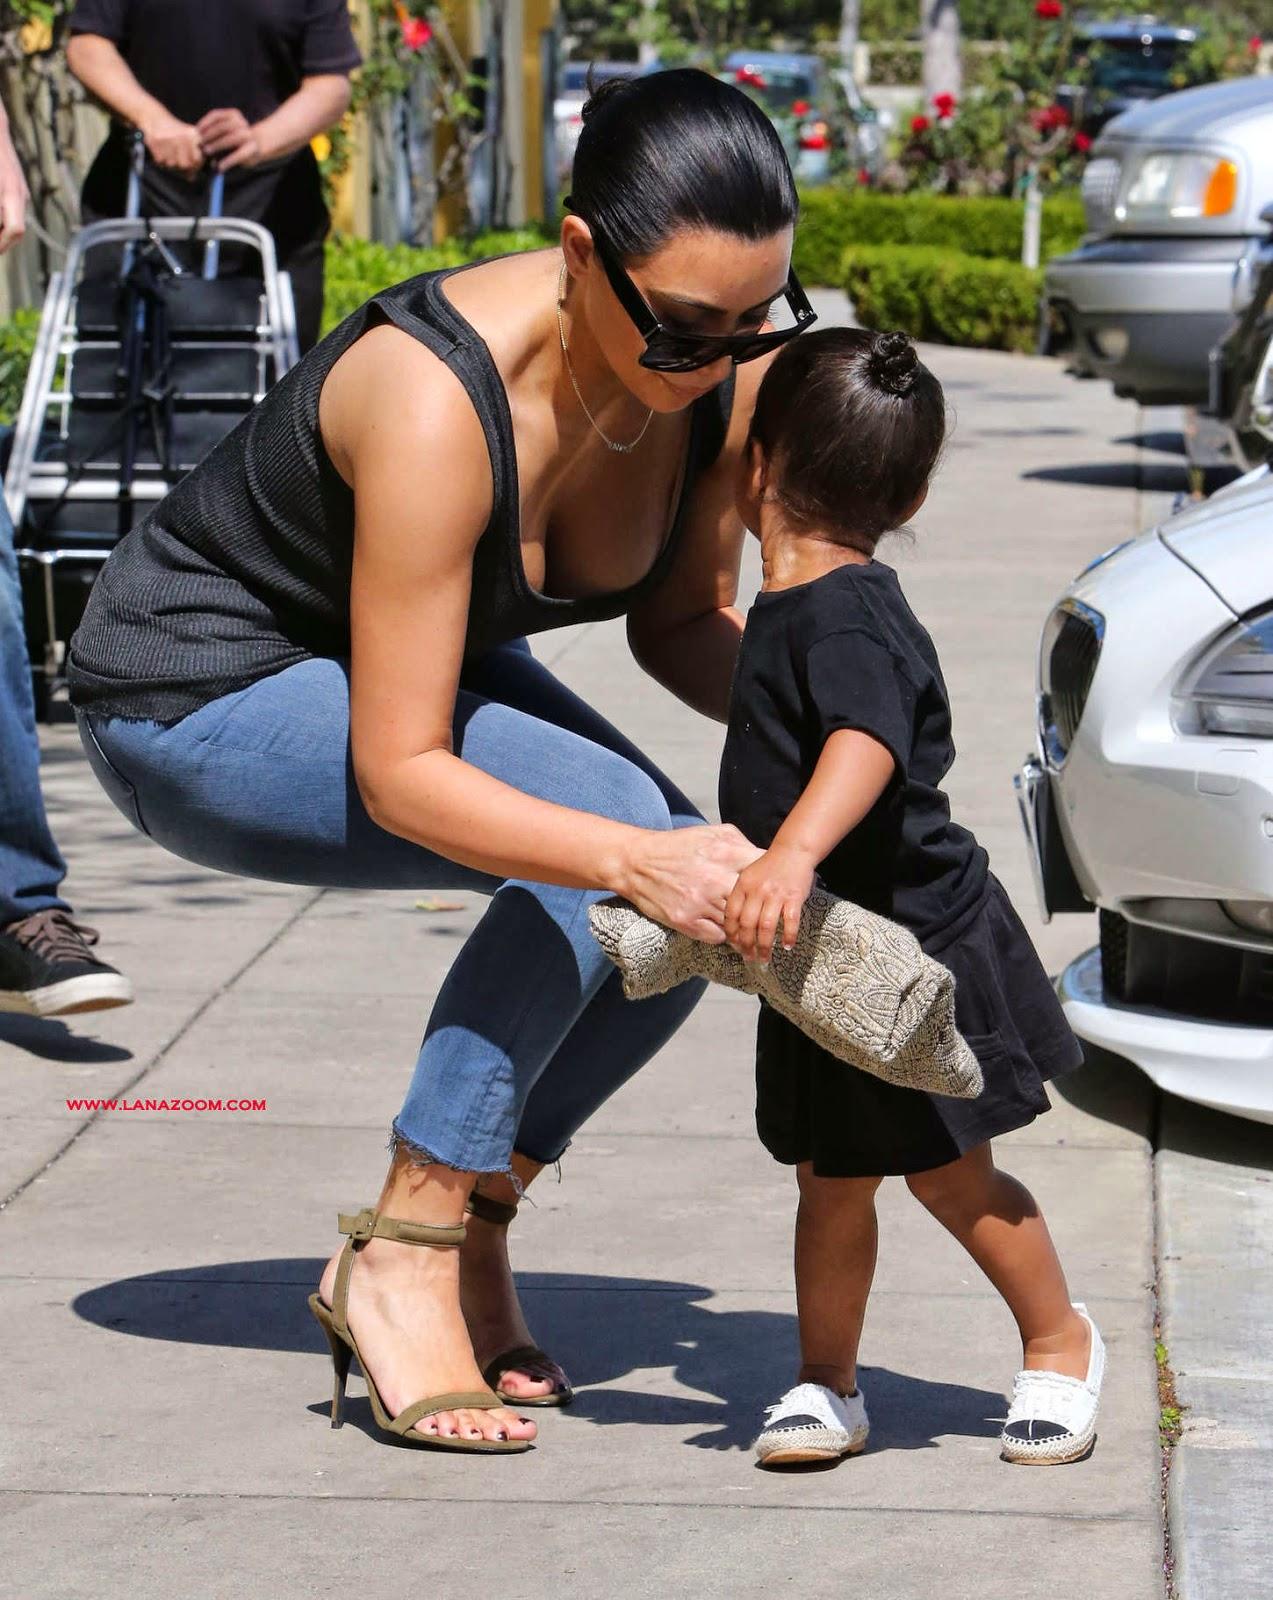 صور كيم كارداشيان مع ابنتها في بيفرلي هيلز